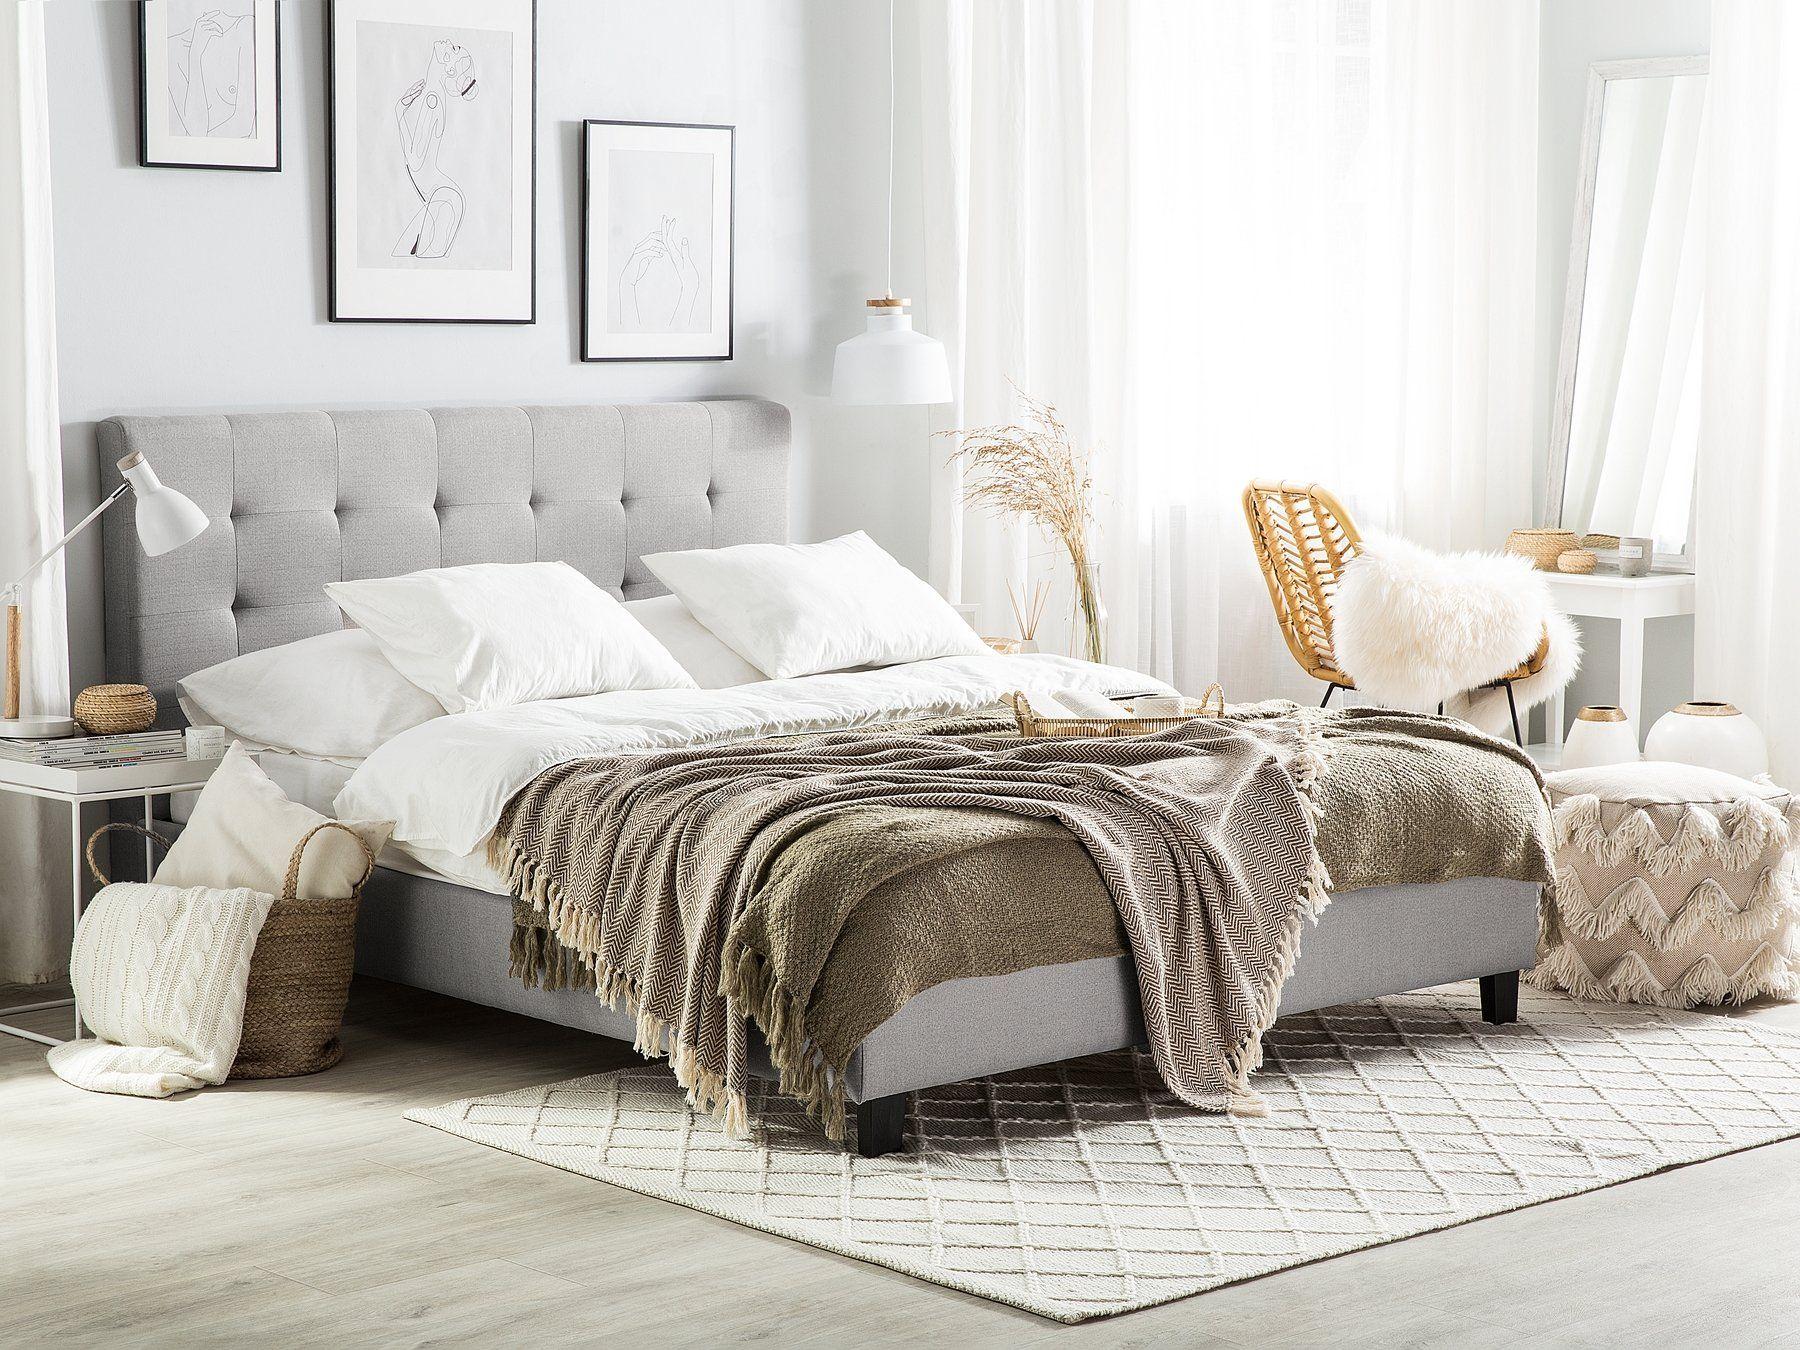 Pin Von Janeczku Auf Wohnzimmer Graues Bett Kopfteil Bett Polsterbett